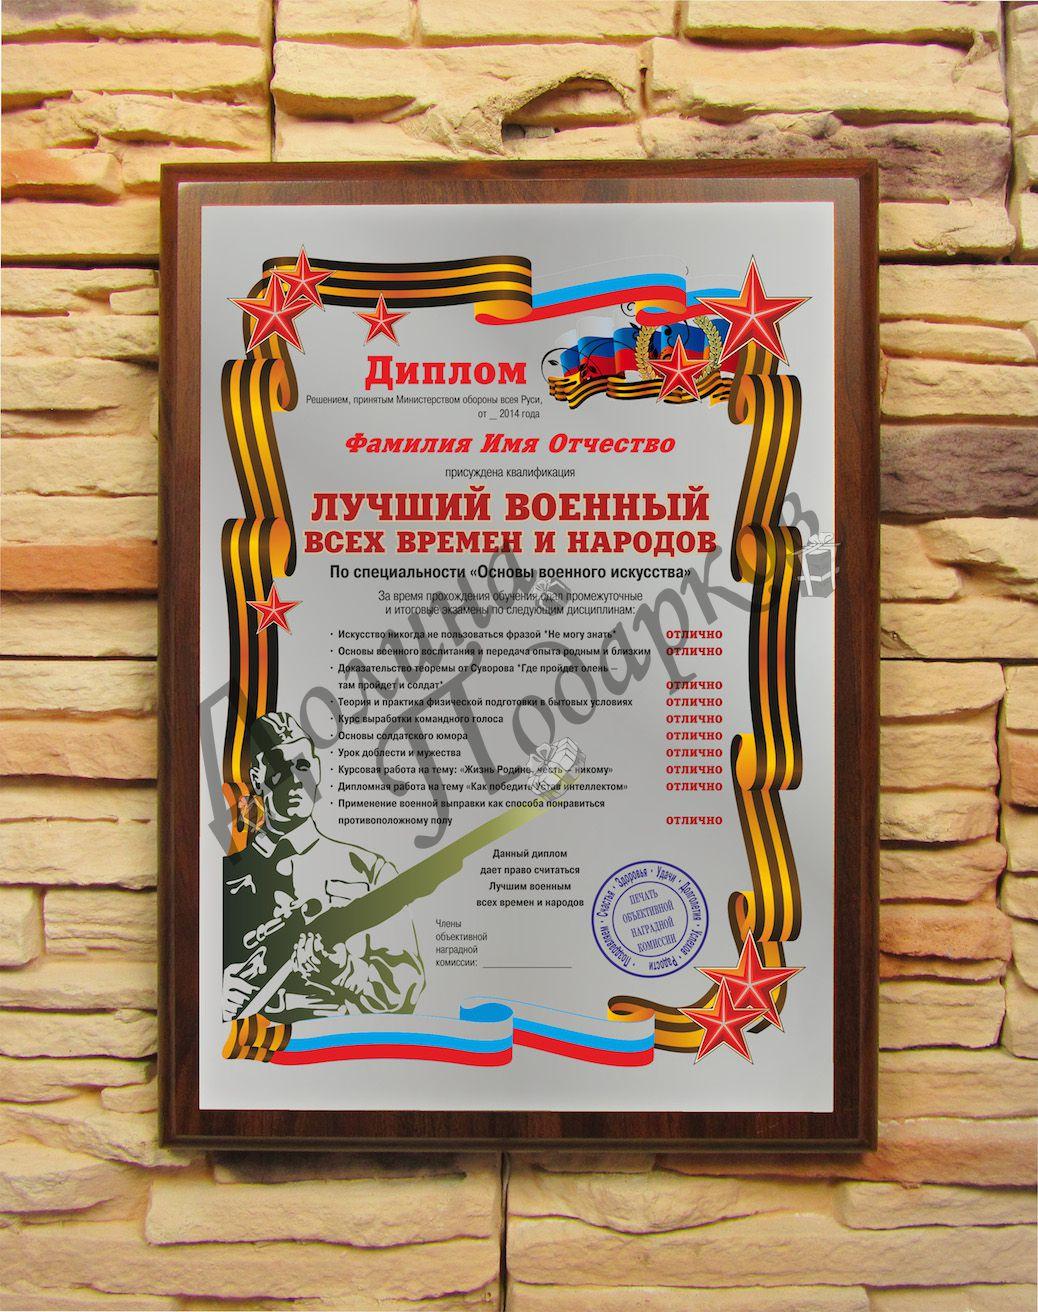 Подарочный диплом *Лучший военный всех времен и народов*